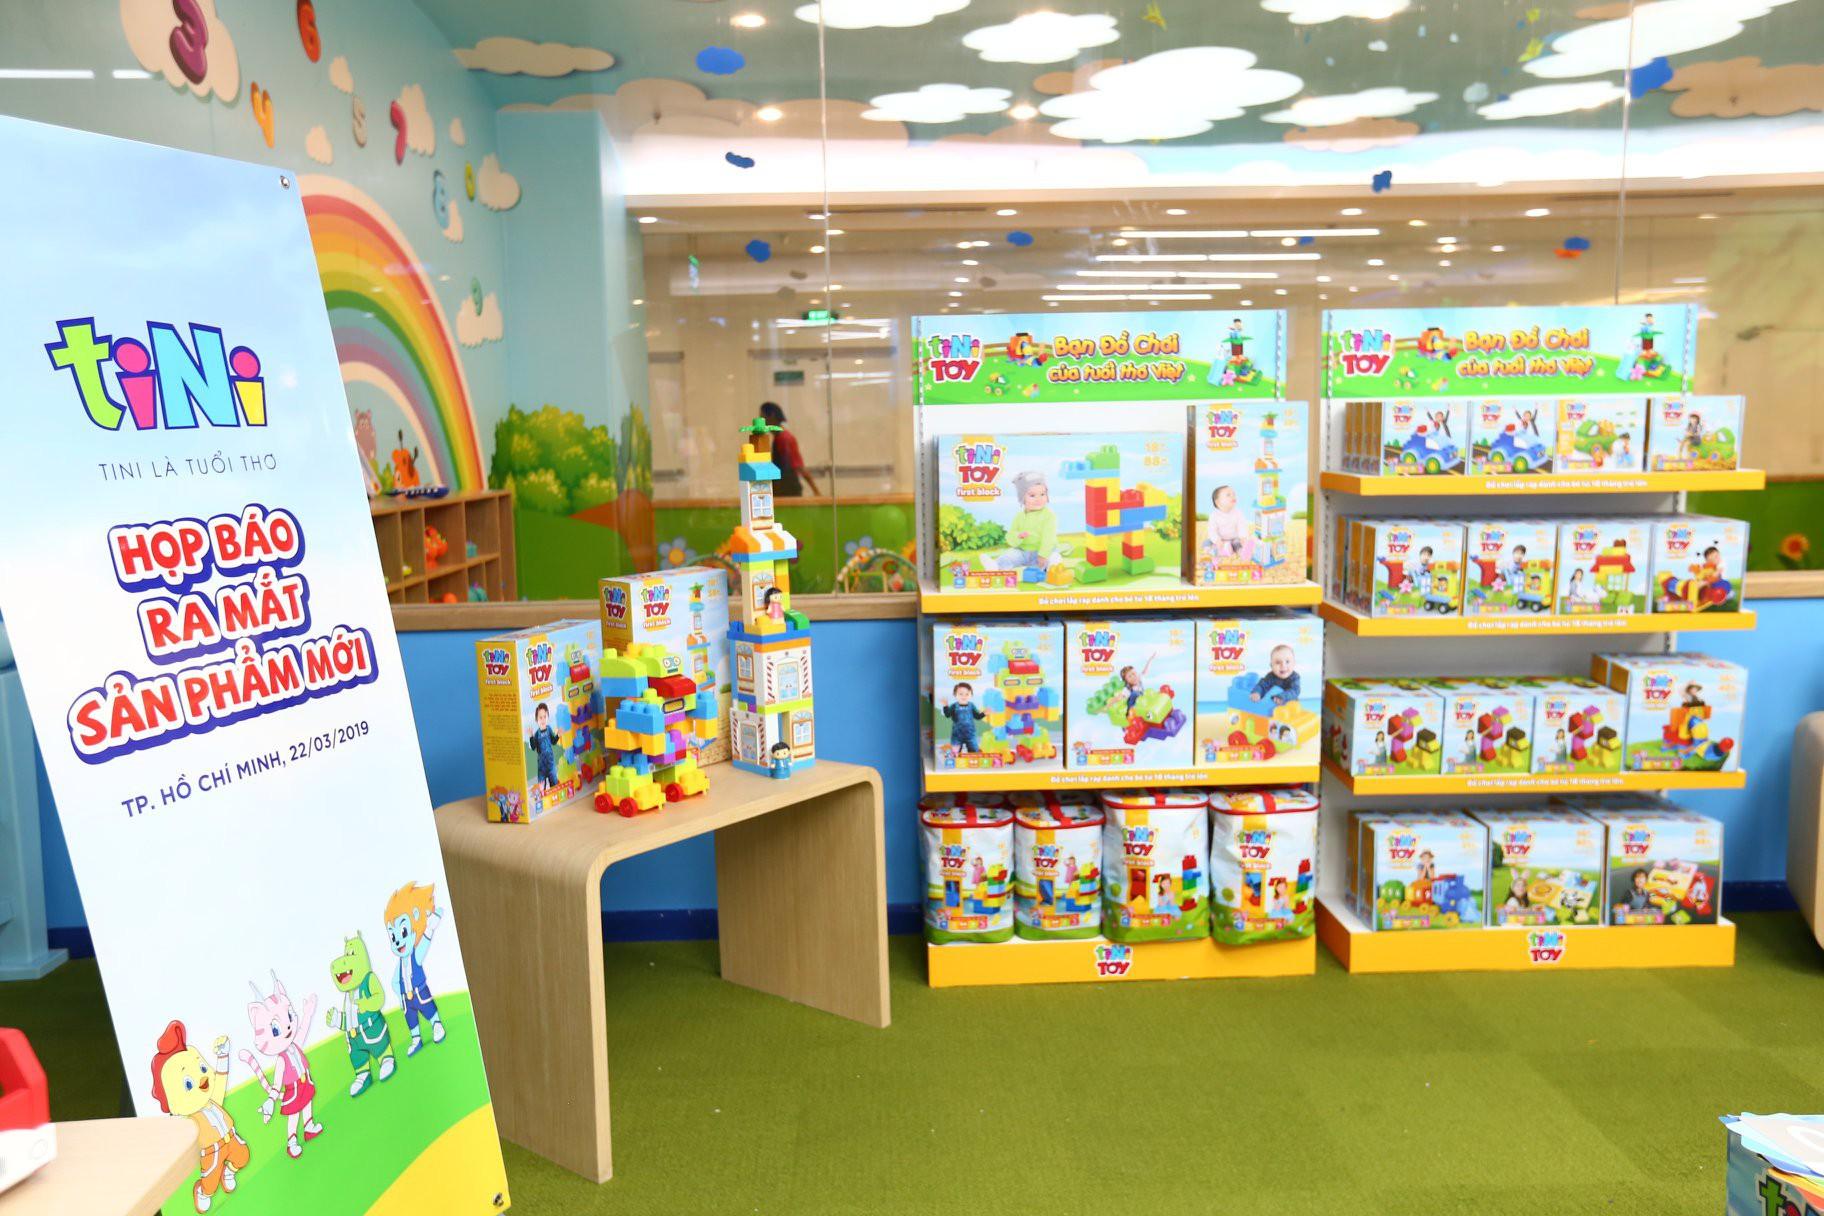 - photo 2 155477714378957481779 - tiNiToy Block hay câu chuyện về bộ đồ chơi trong mơ của trẻ